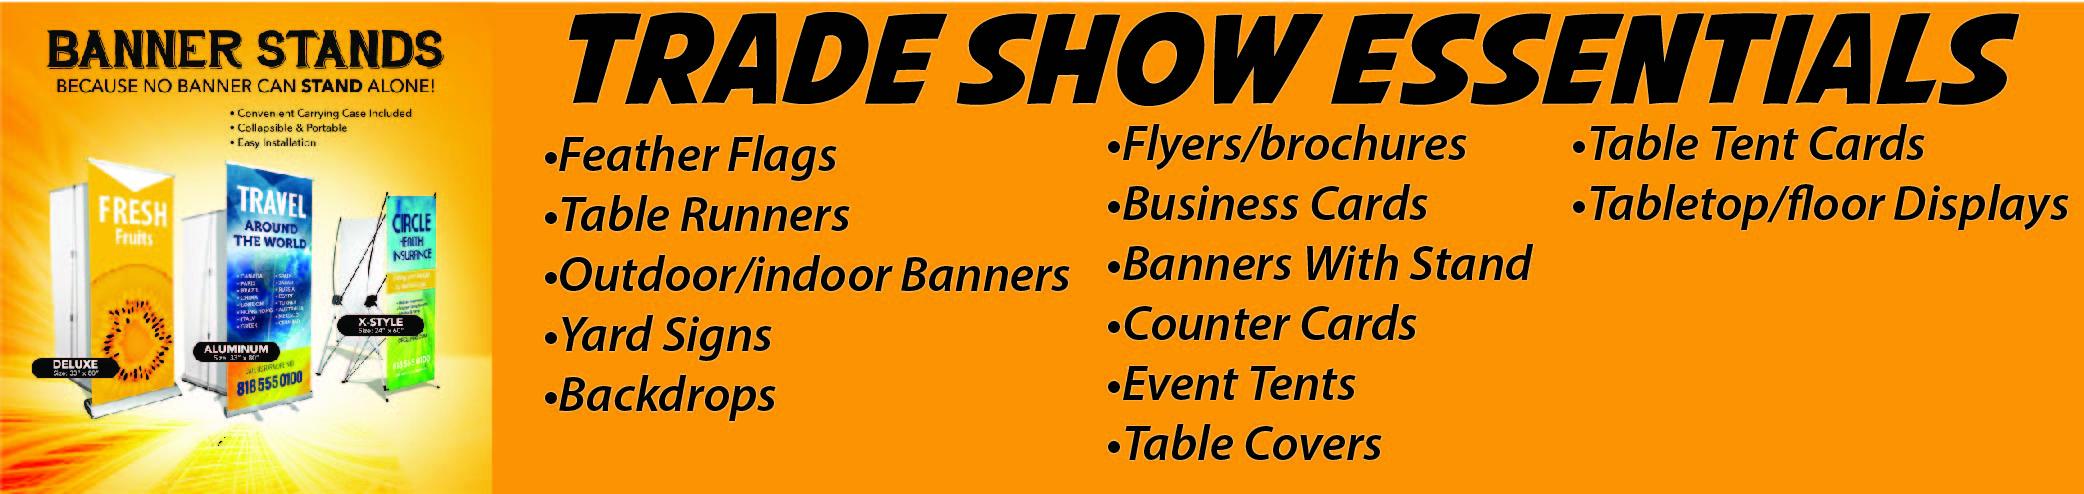 Trade show Essentials